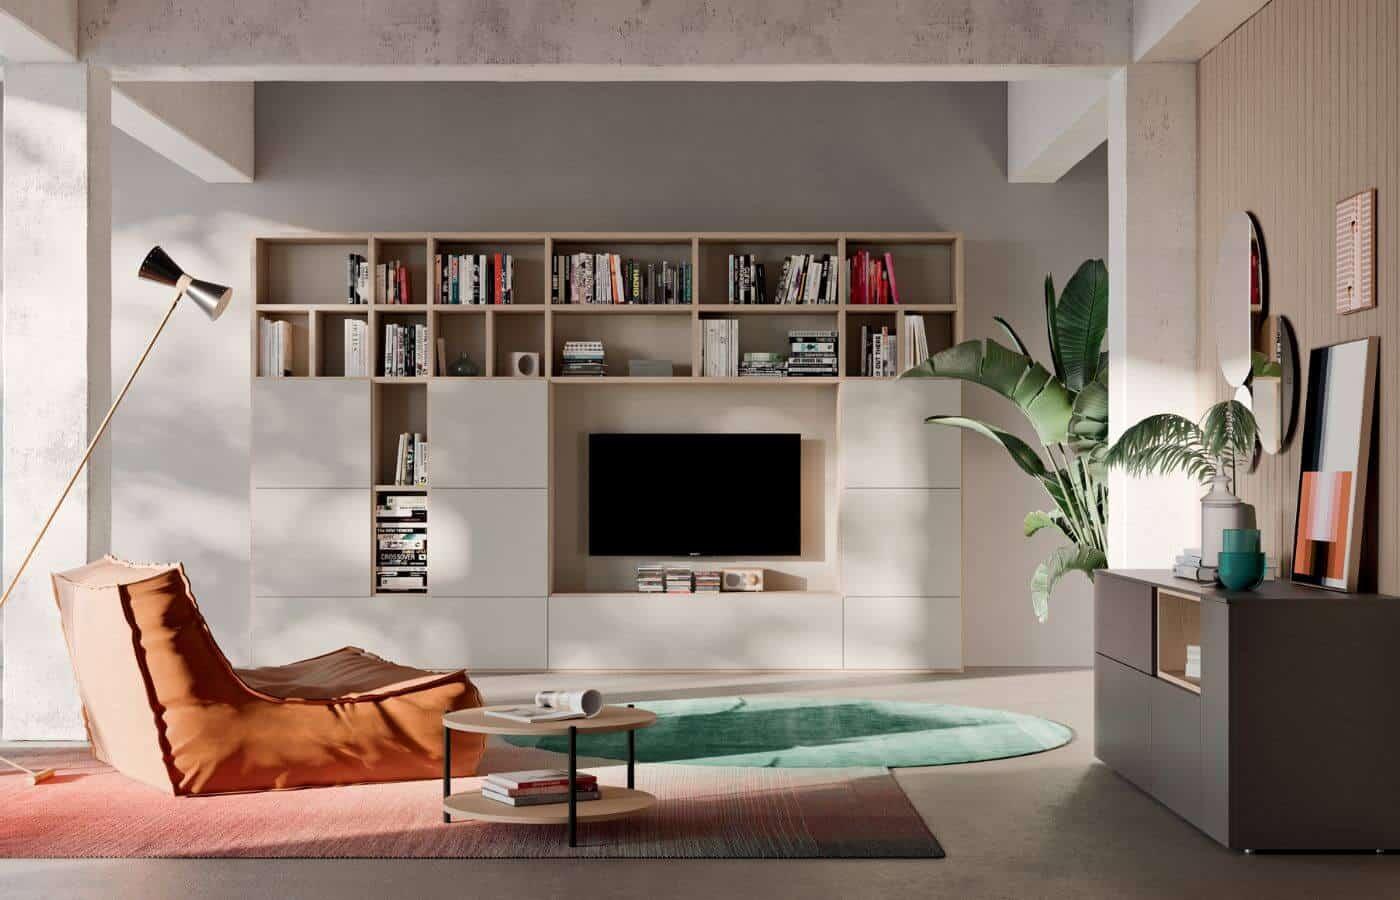 zona-giorno-librerie-collezione-ulisse-il-mobile (1)